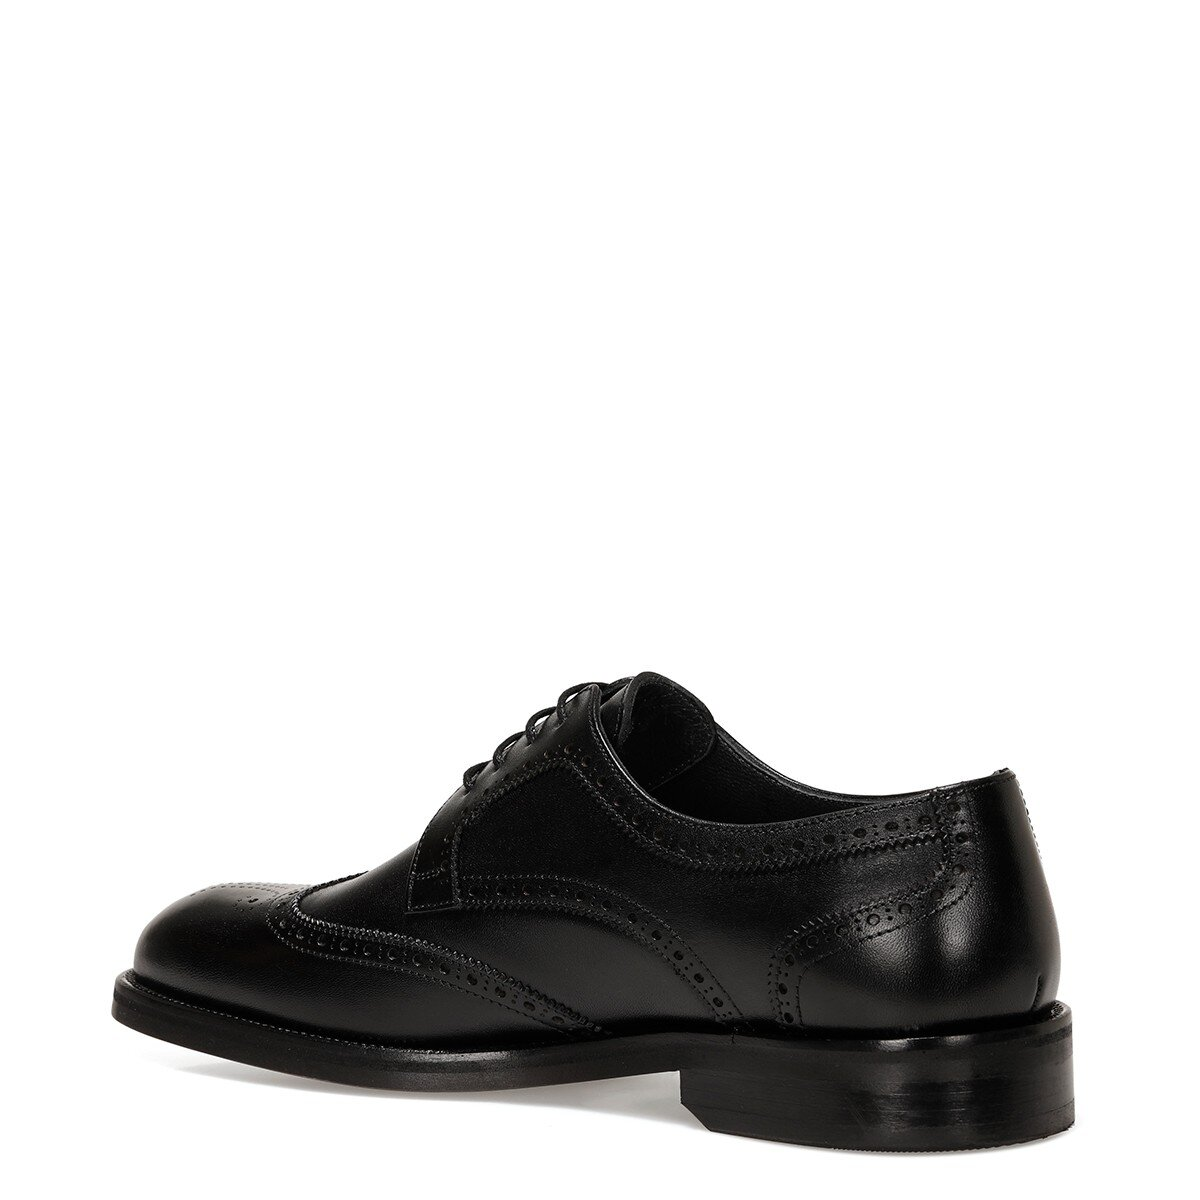 ROVAN 1FX Siyah Erkek Klasik Ayakkabı